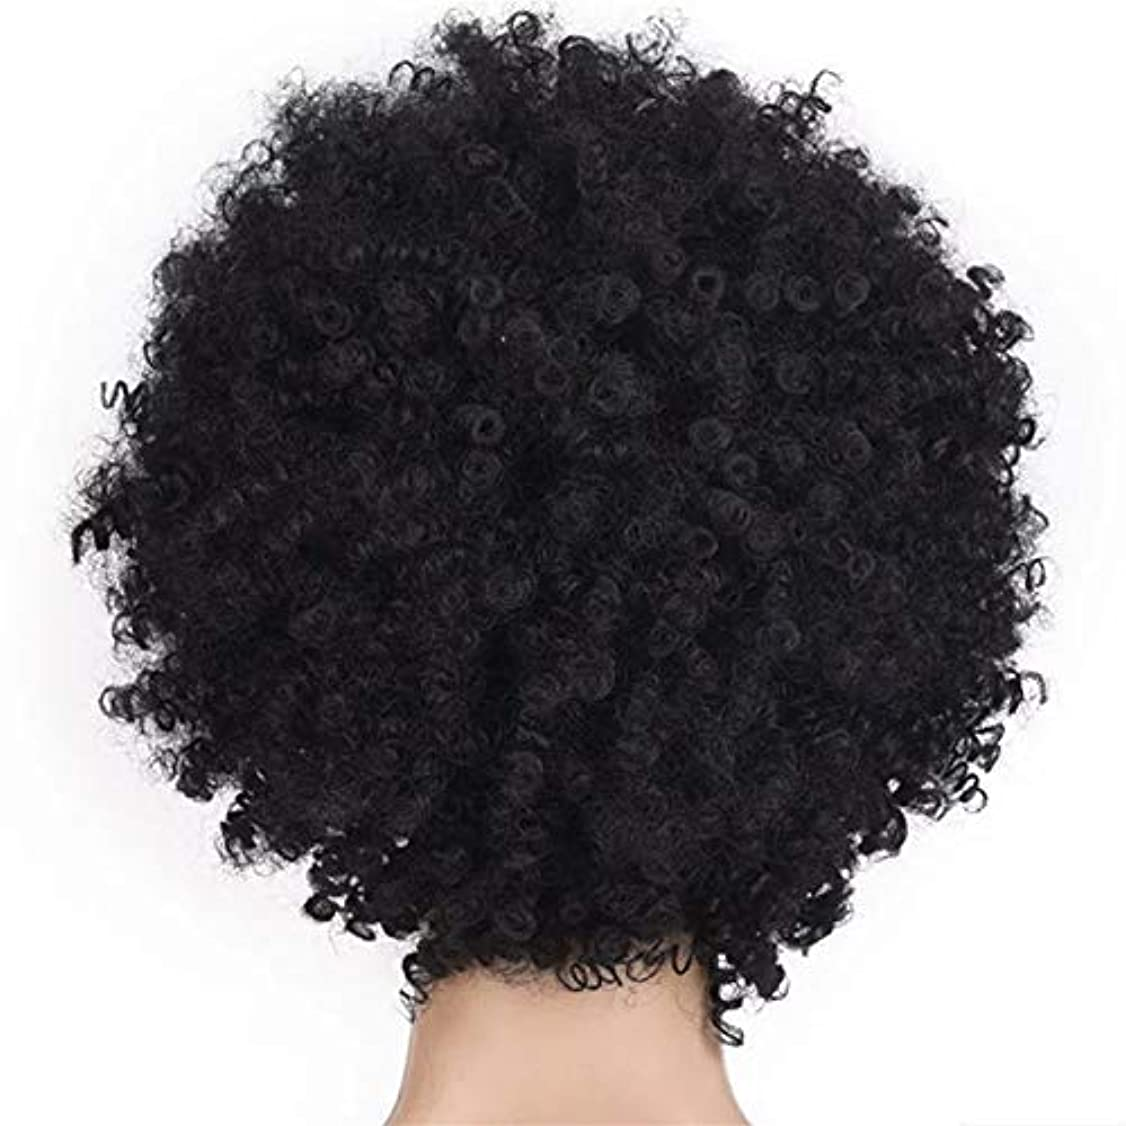 解決バンカー床を掃除するSRY-Wigファッション ファッション短い髪の女性のかつらかつらアフリカのかつら爆発的なヘッドかつら女性高温シルク化学繊維かつらヘッドギア (Color : Black)